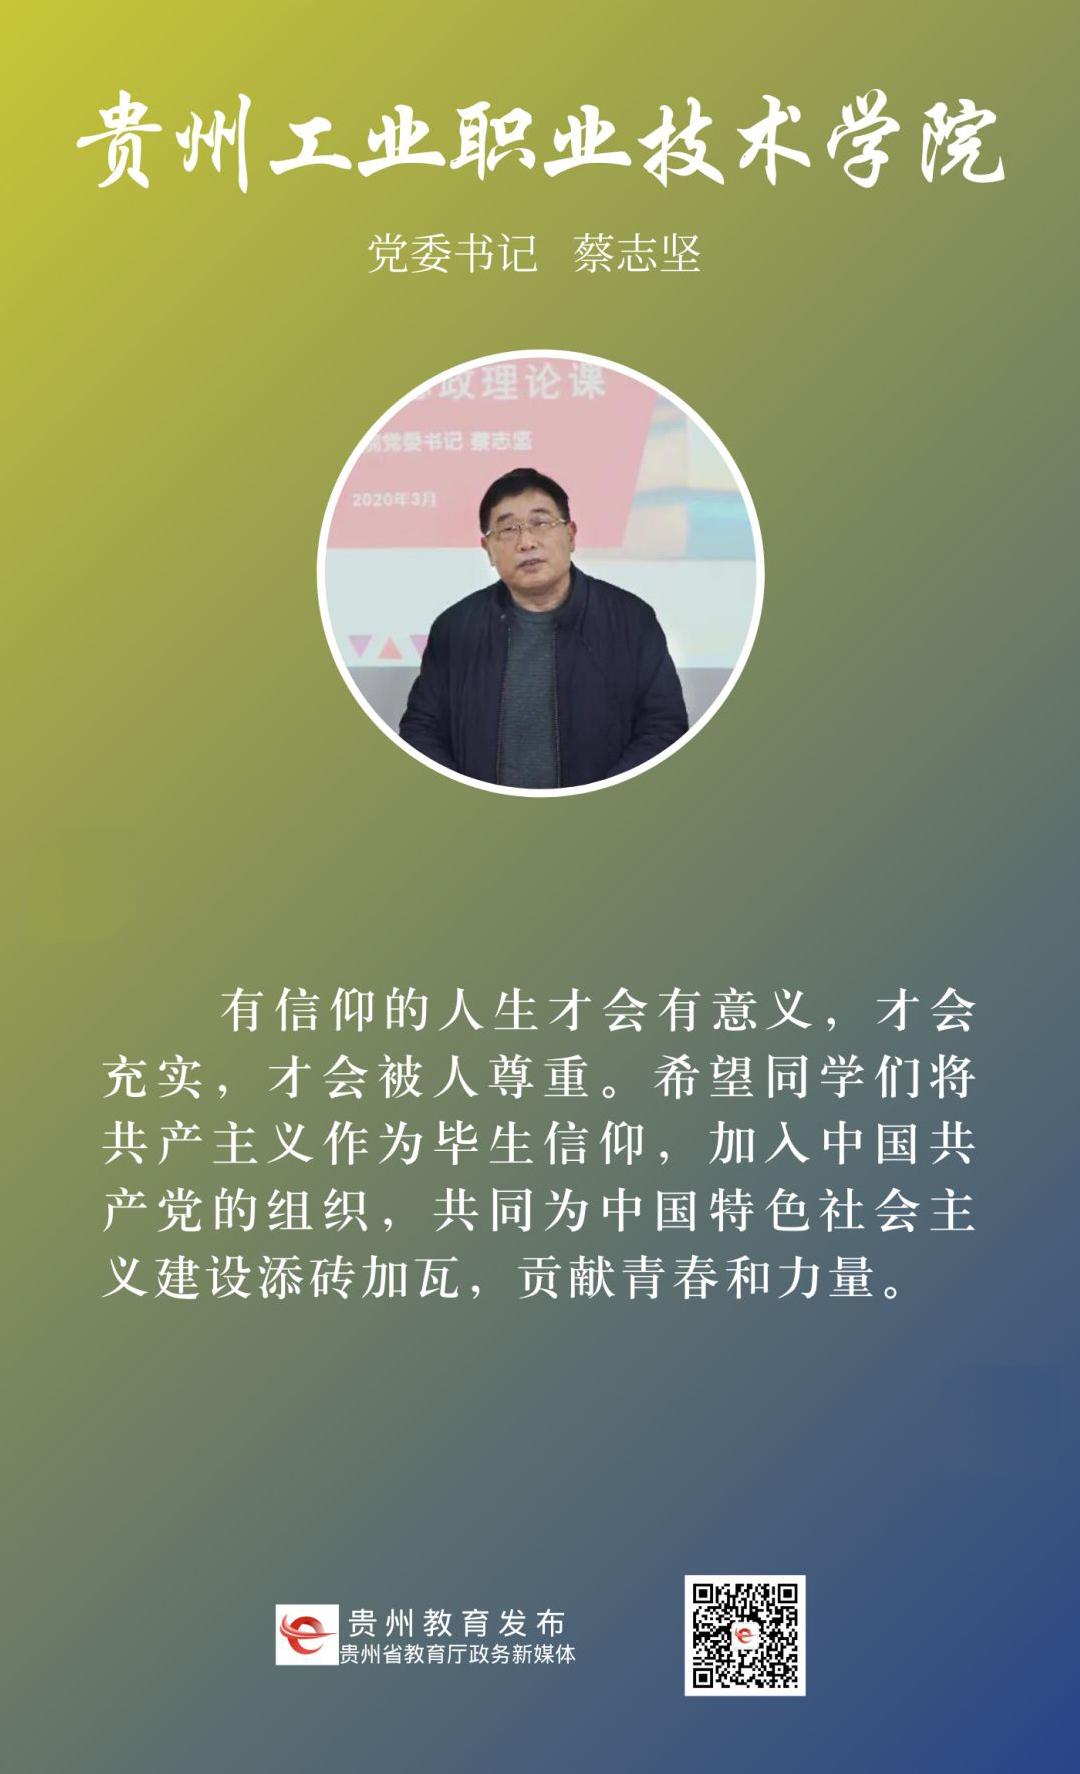 12贵州工业职业学院.jpg